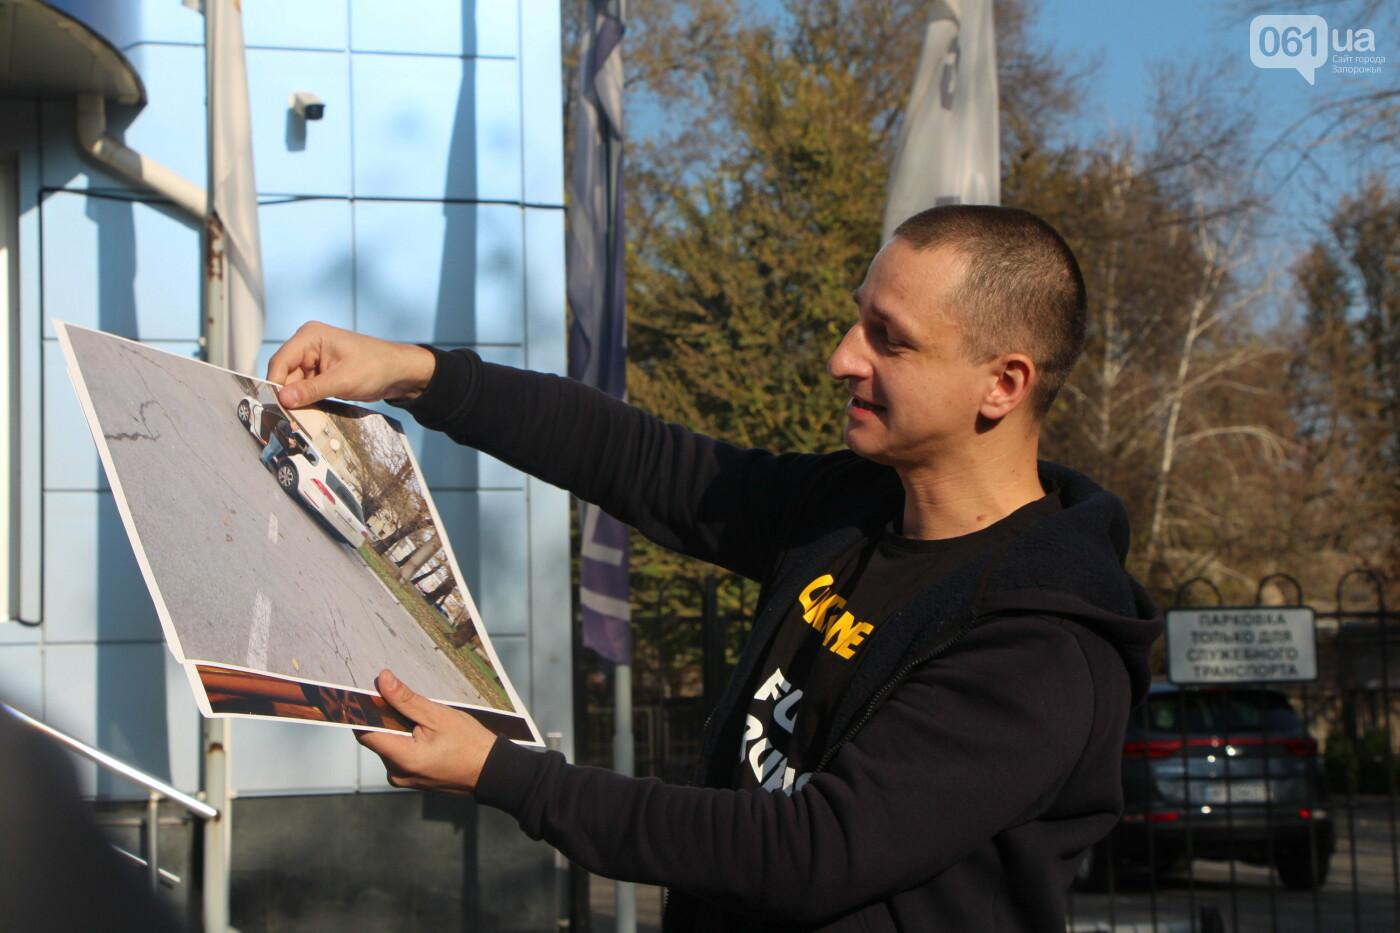 """""""Анисимов просто лох"""": на антикоррупционной экскурсии рассказали, кто приезжает в новый """"золотой офис"""", - ФОТОРЕПОРТАЖ, фото-18"""